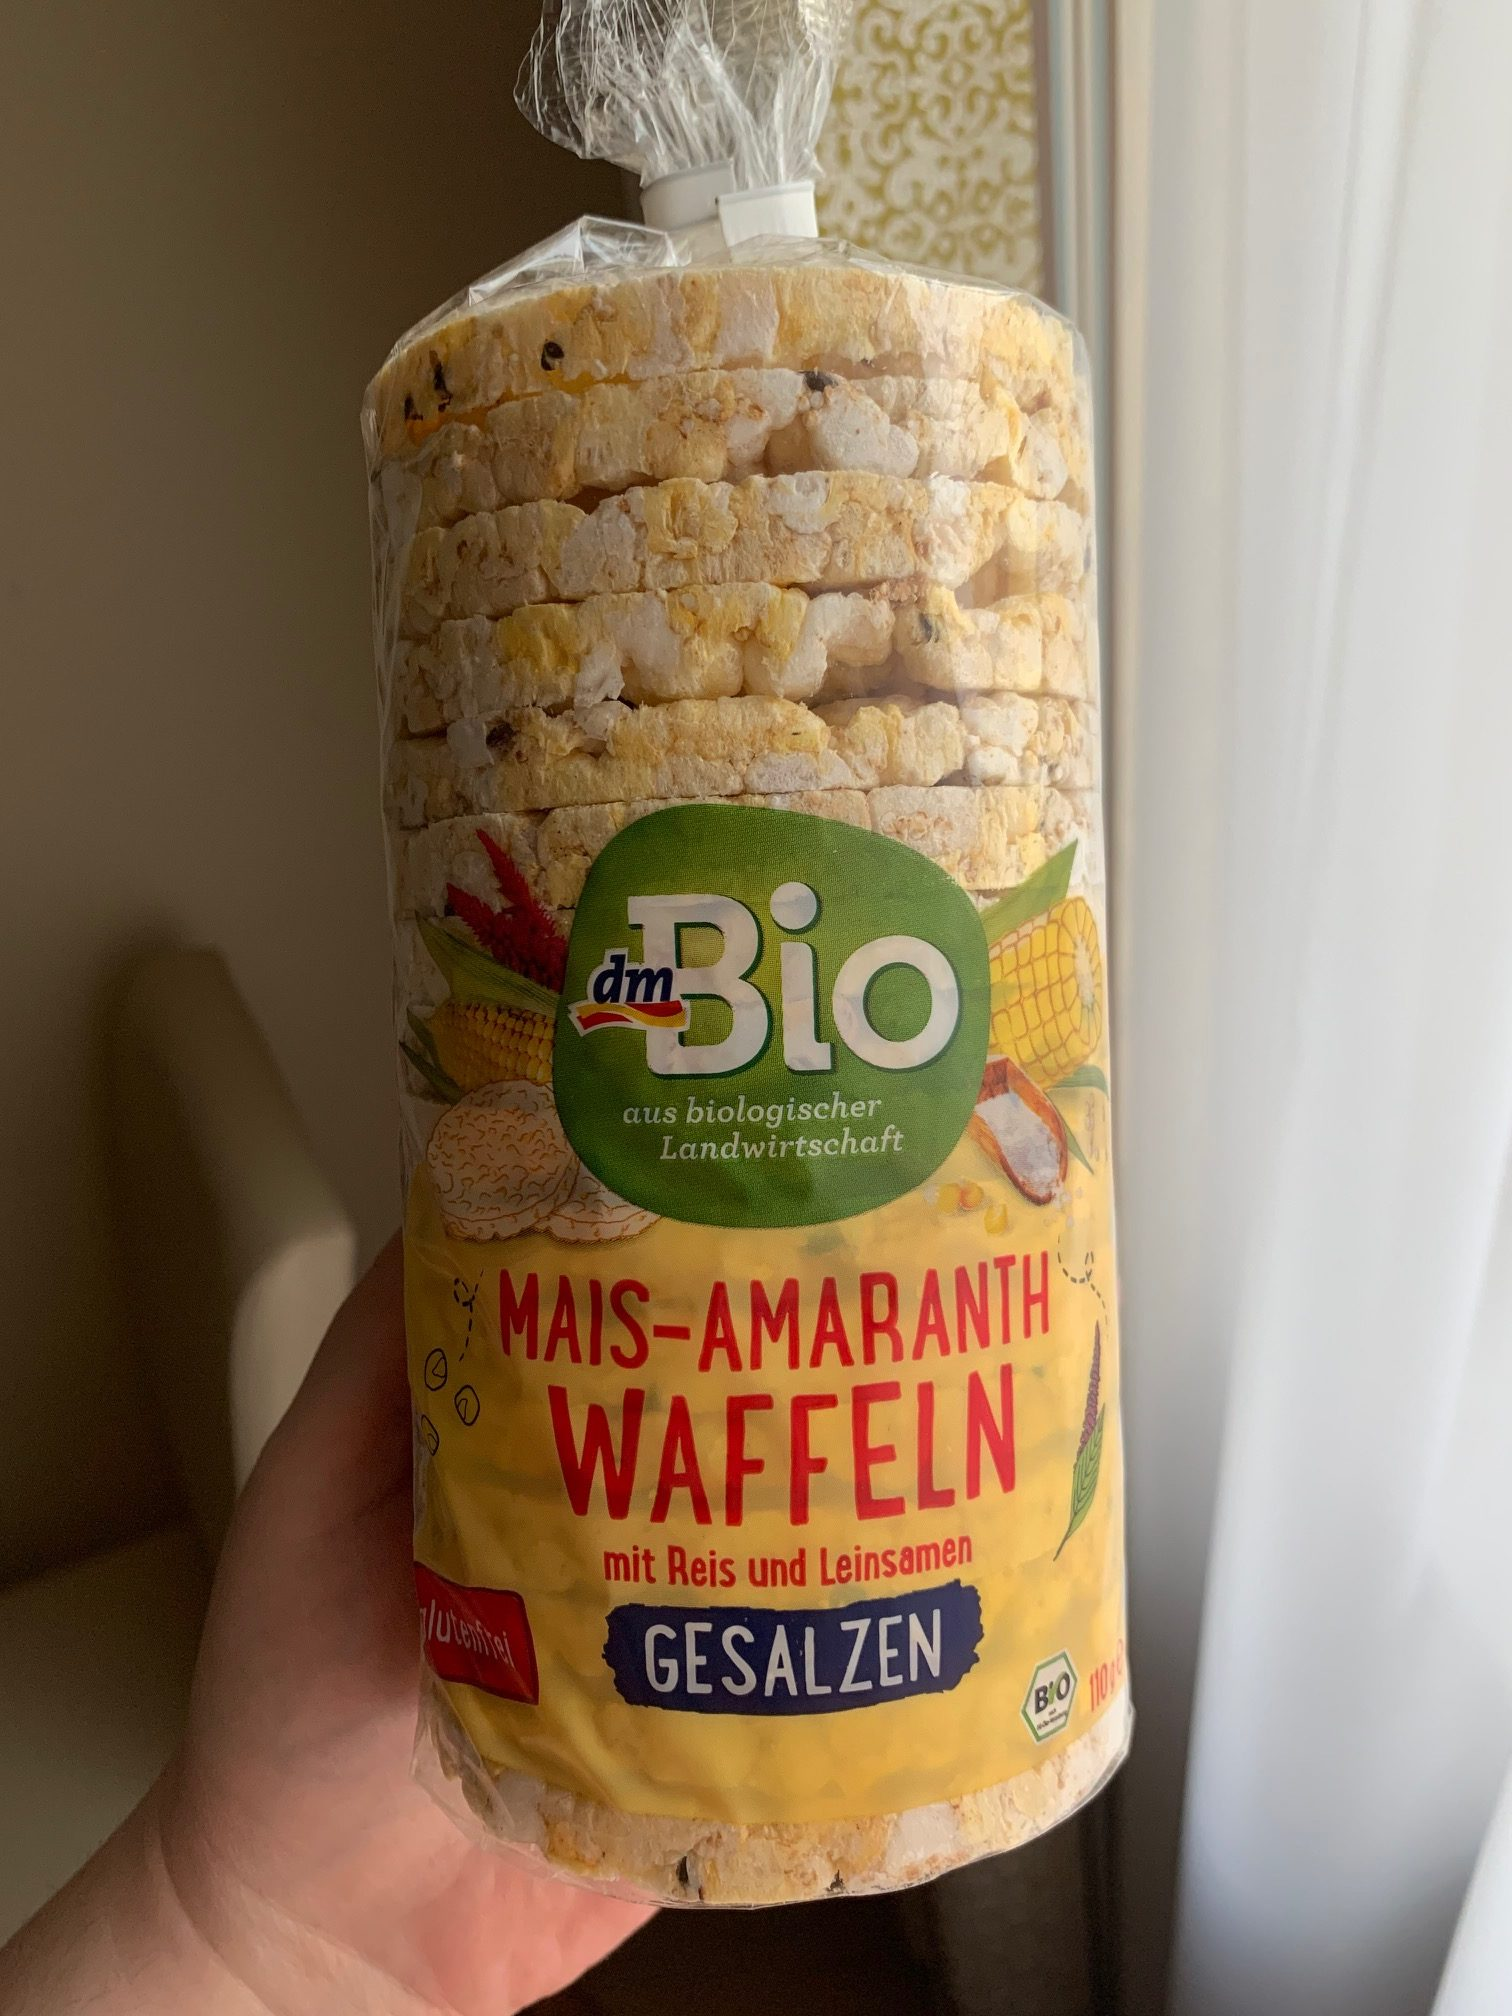 dm Bio Mais-Amaranth-Waffeln mit Reis und Leinsamen